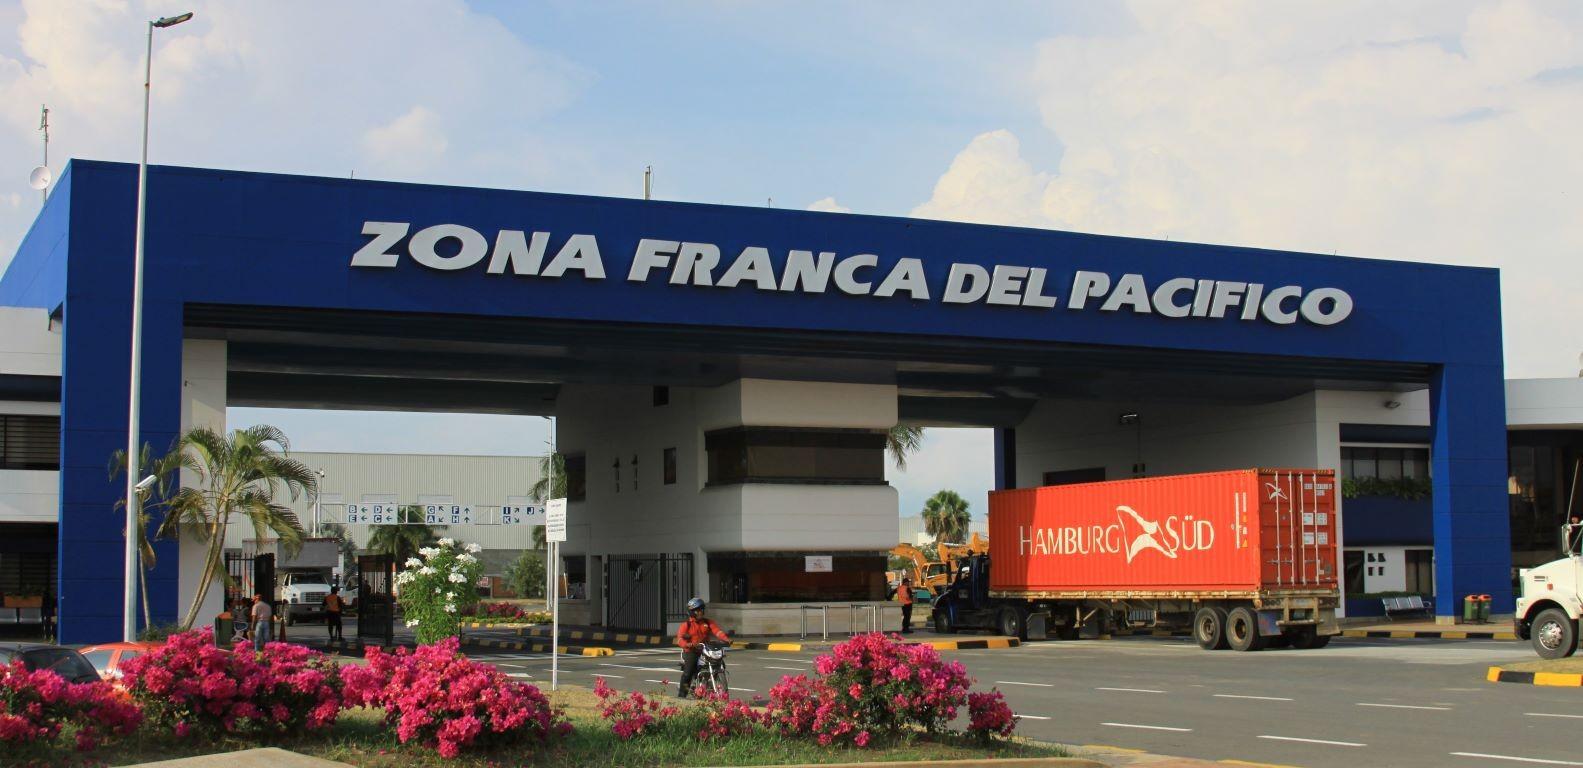 Zona Franca del Pacífico: Plataforma estratégica